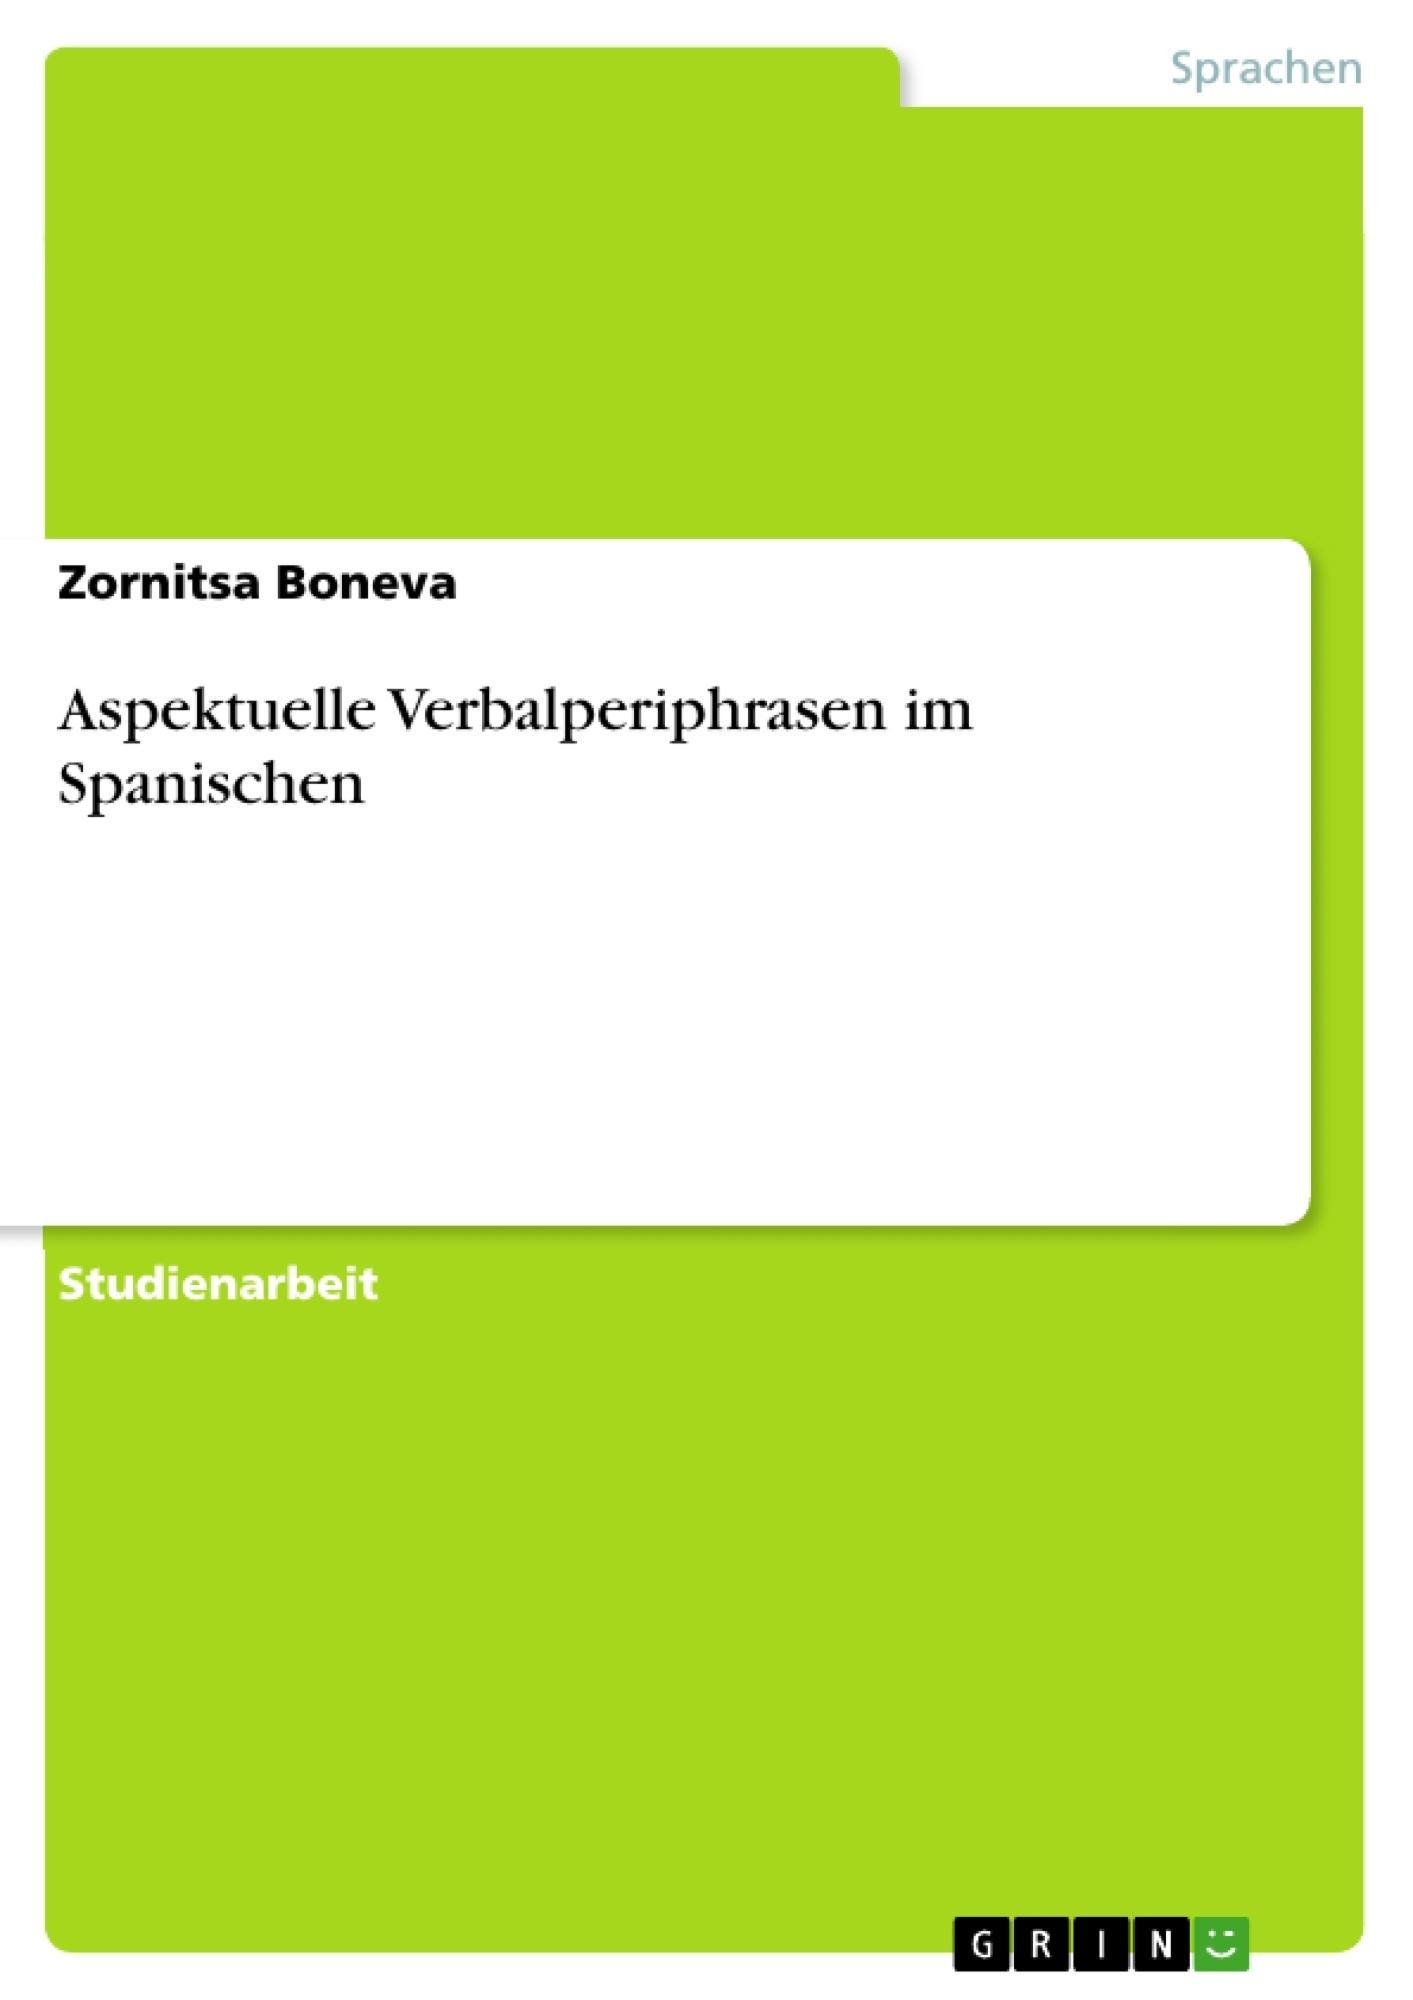 Titel: Aspektuelle Verbalperiphrasen im Spanischen